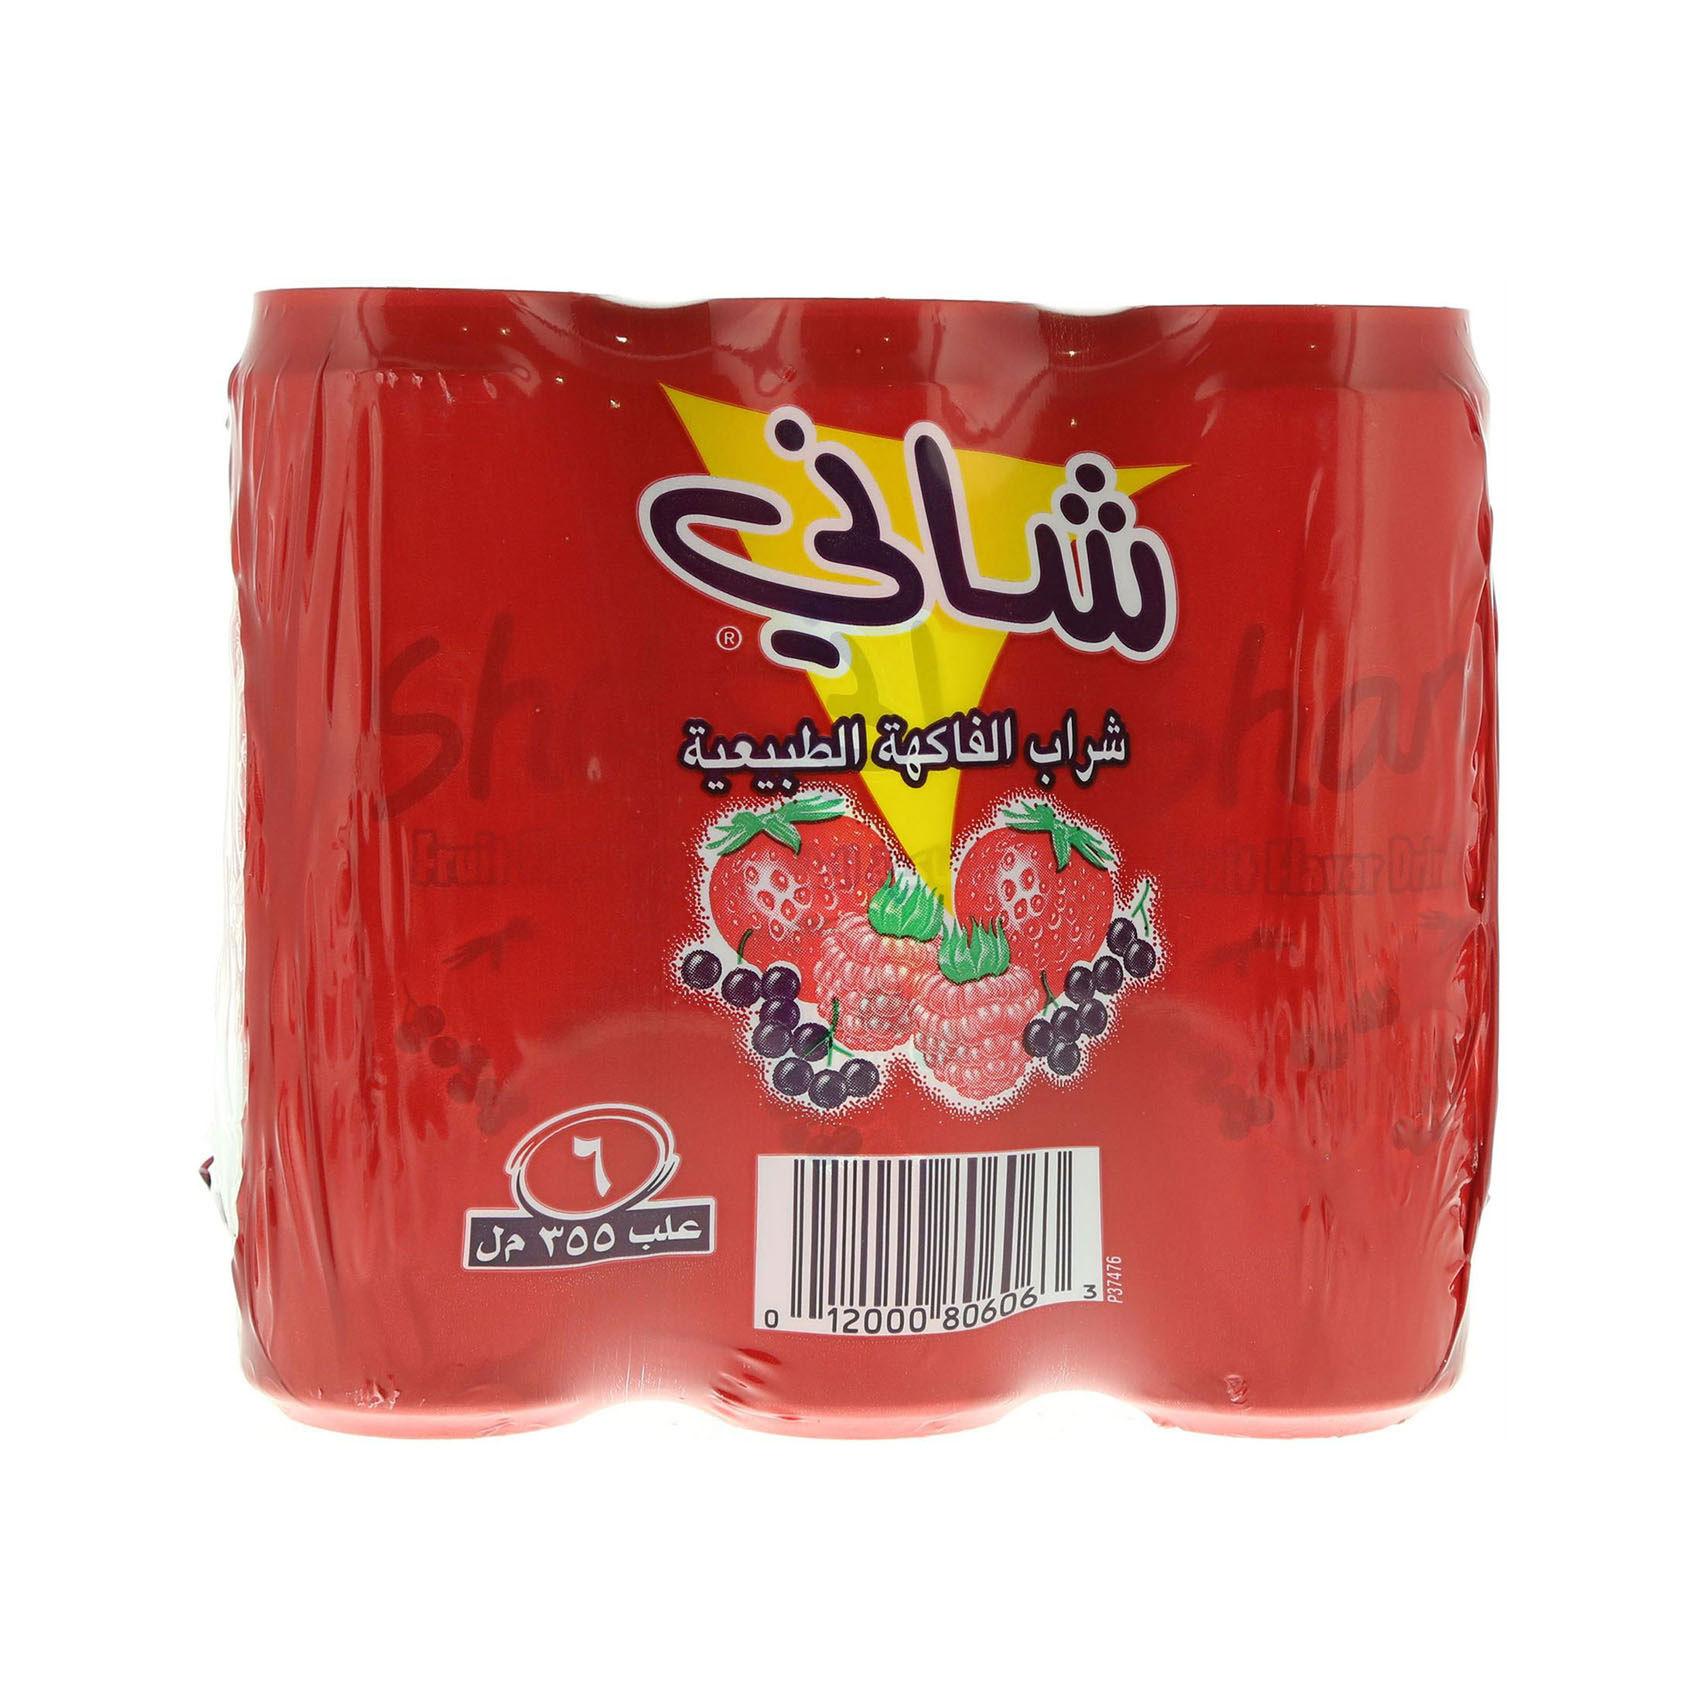 SHANI CAN 355MLX6